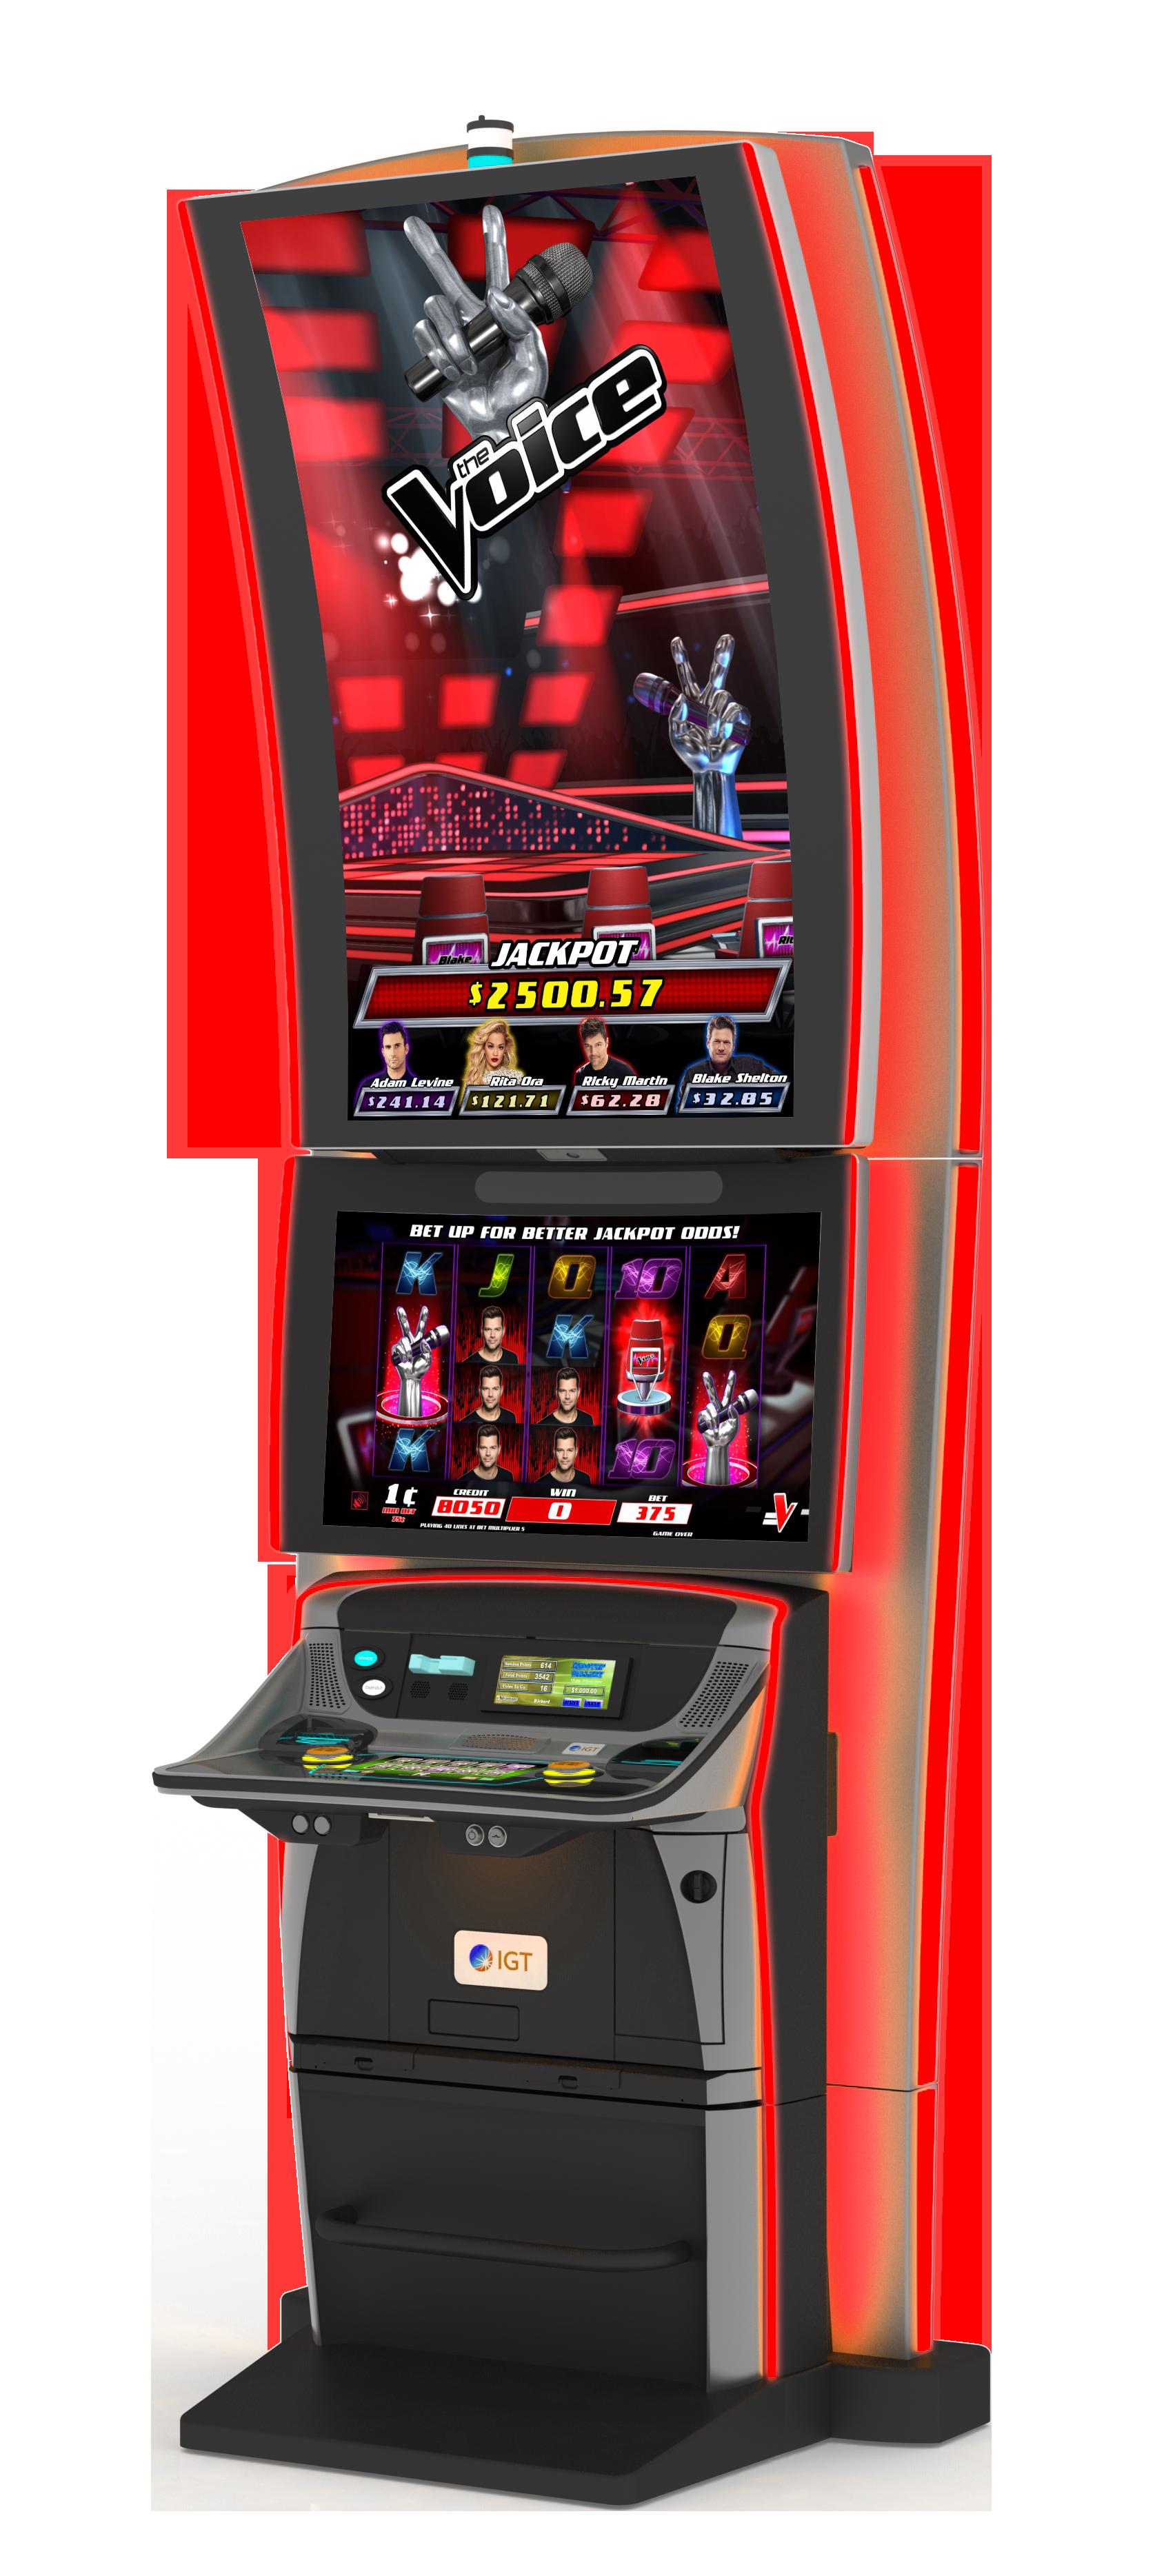 Juegos de maquinas tragaperra gratis